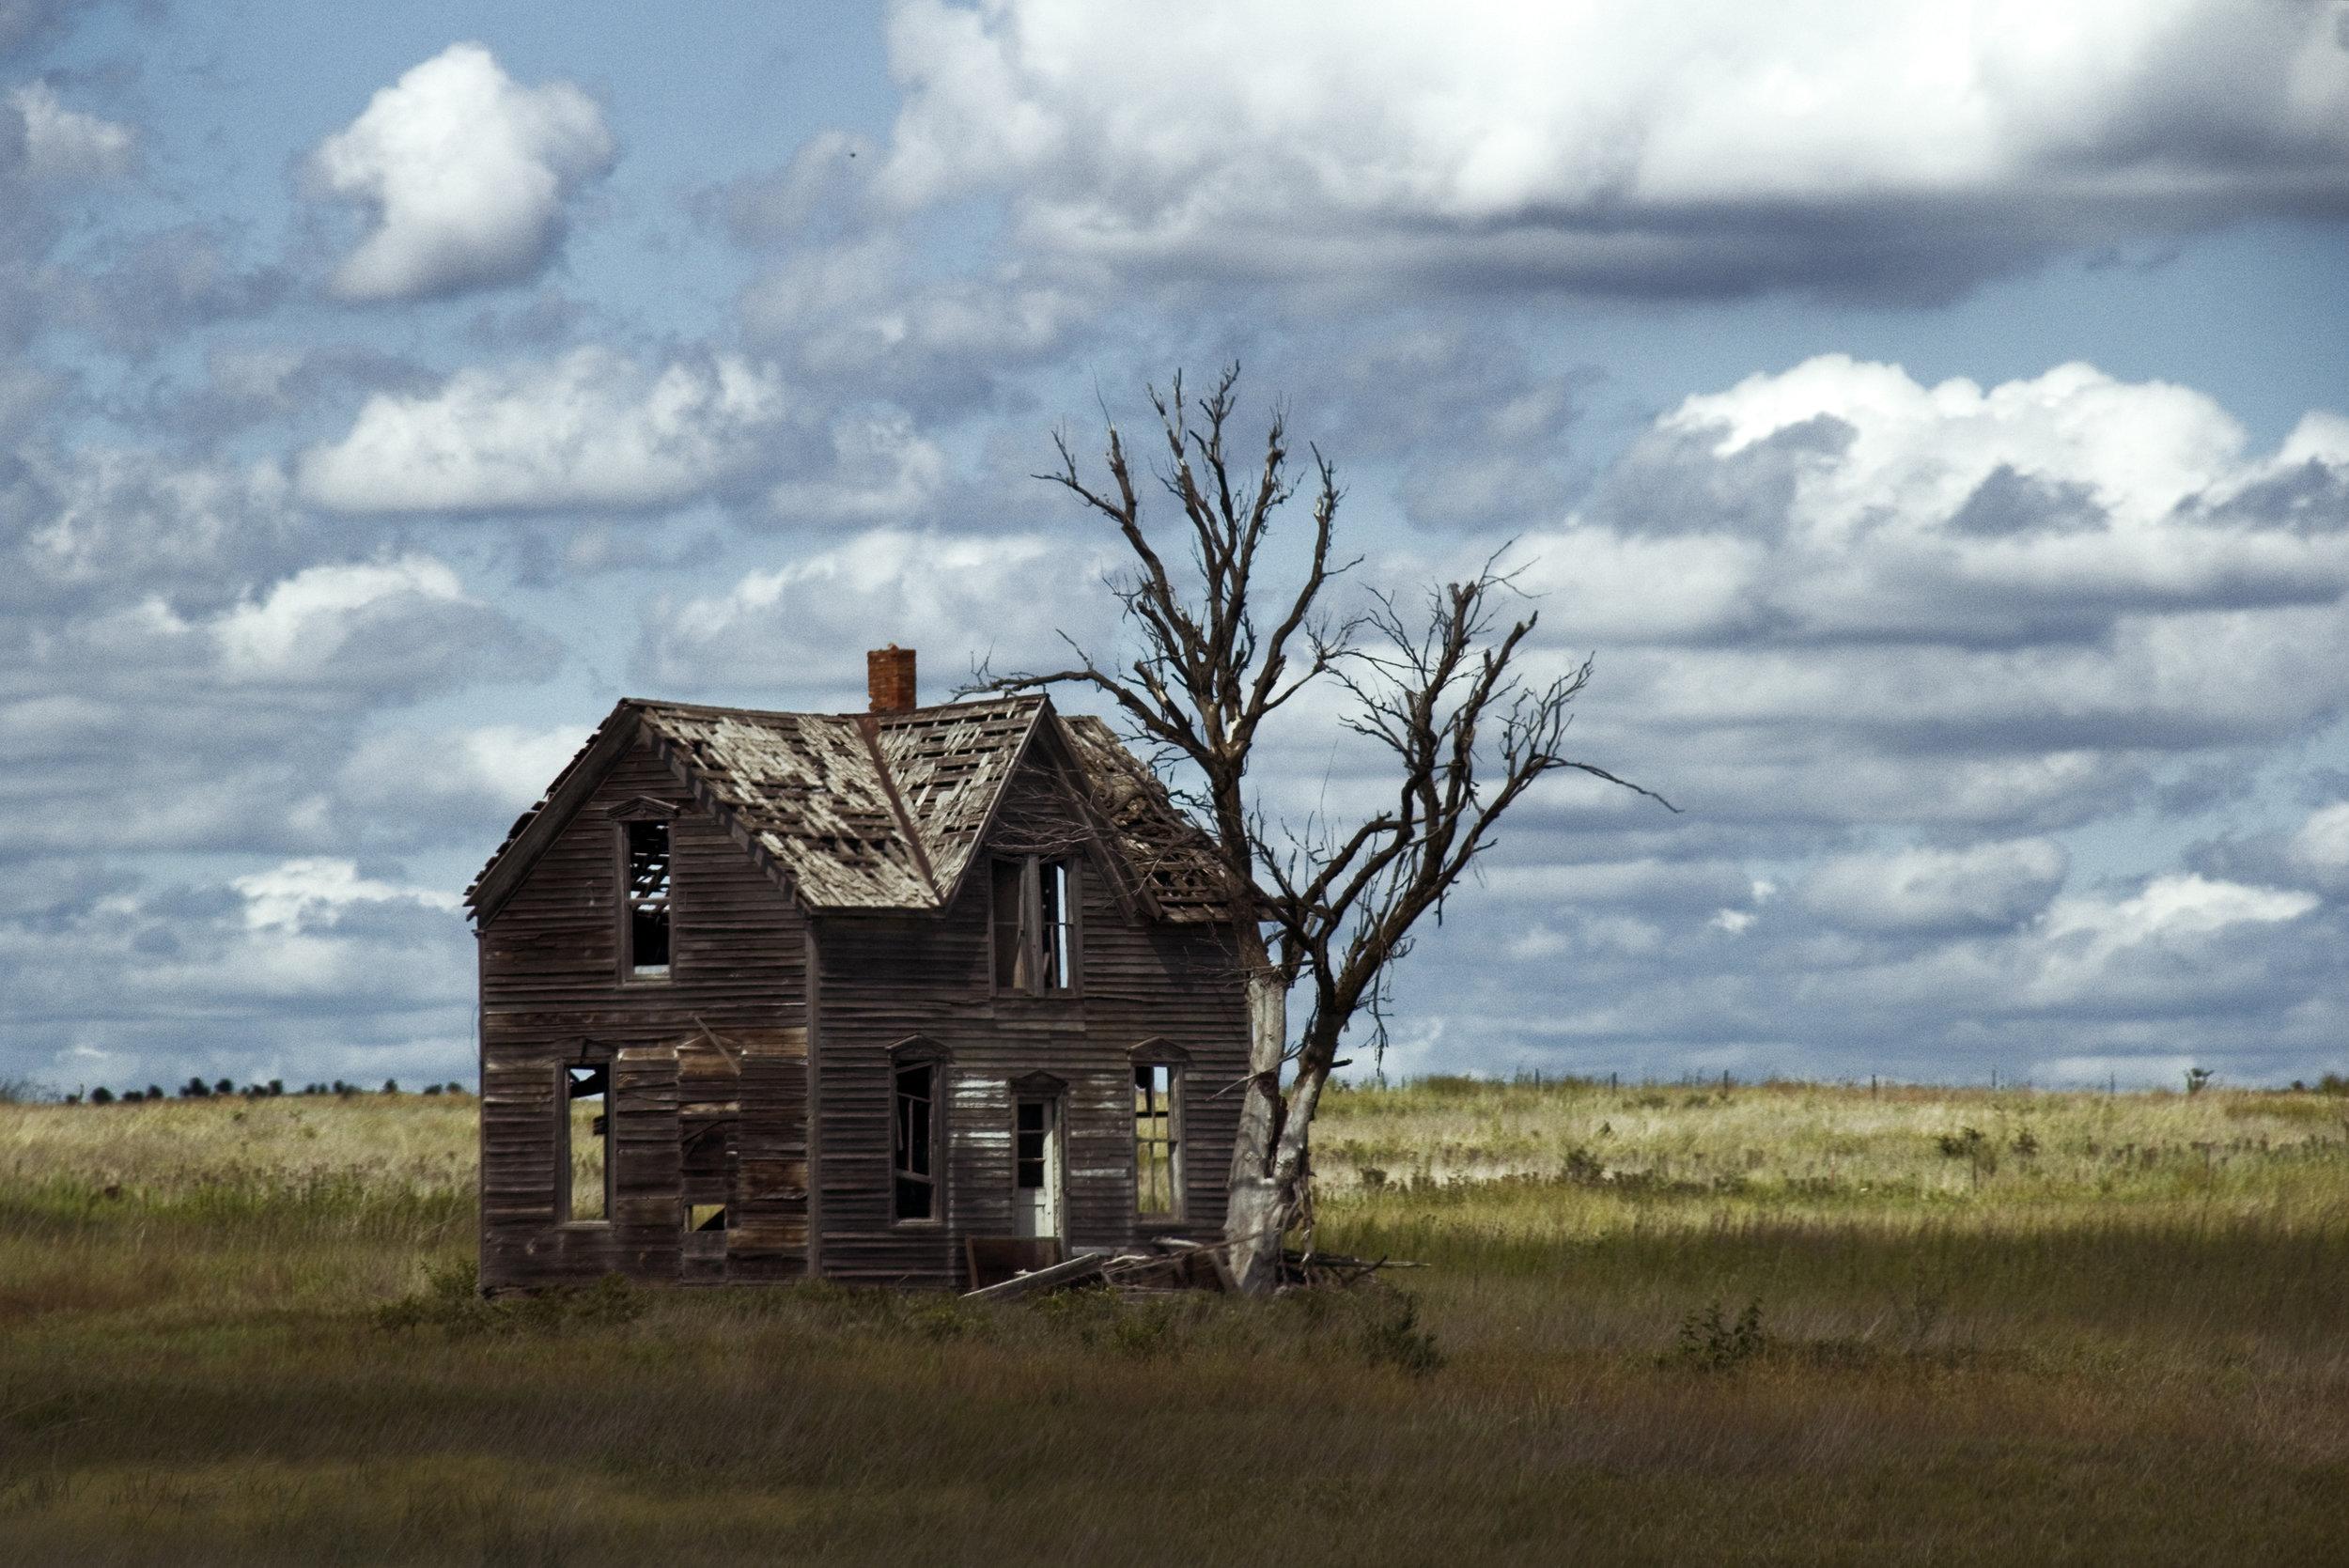 Windswept in Kansas